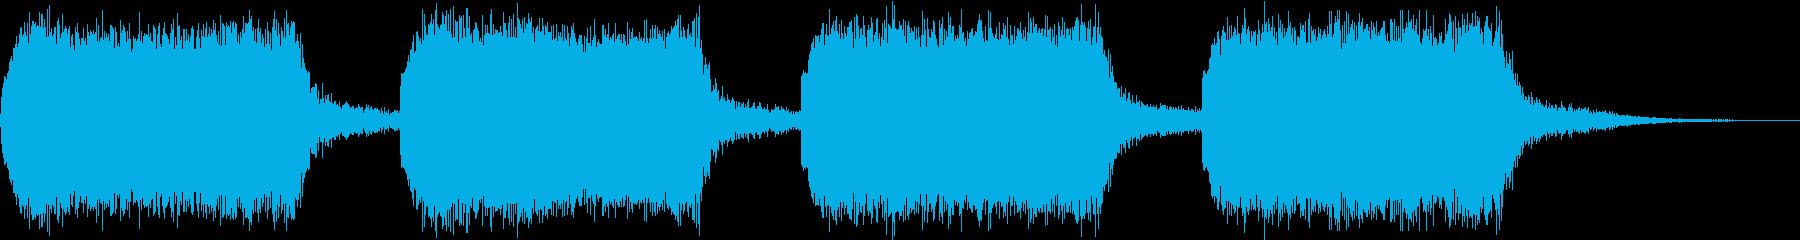 ビーッ!(警告音 危険 サイレン) の再生済みの波形